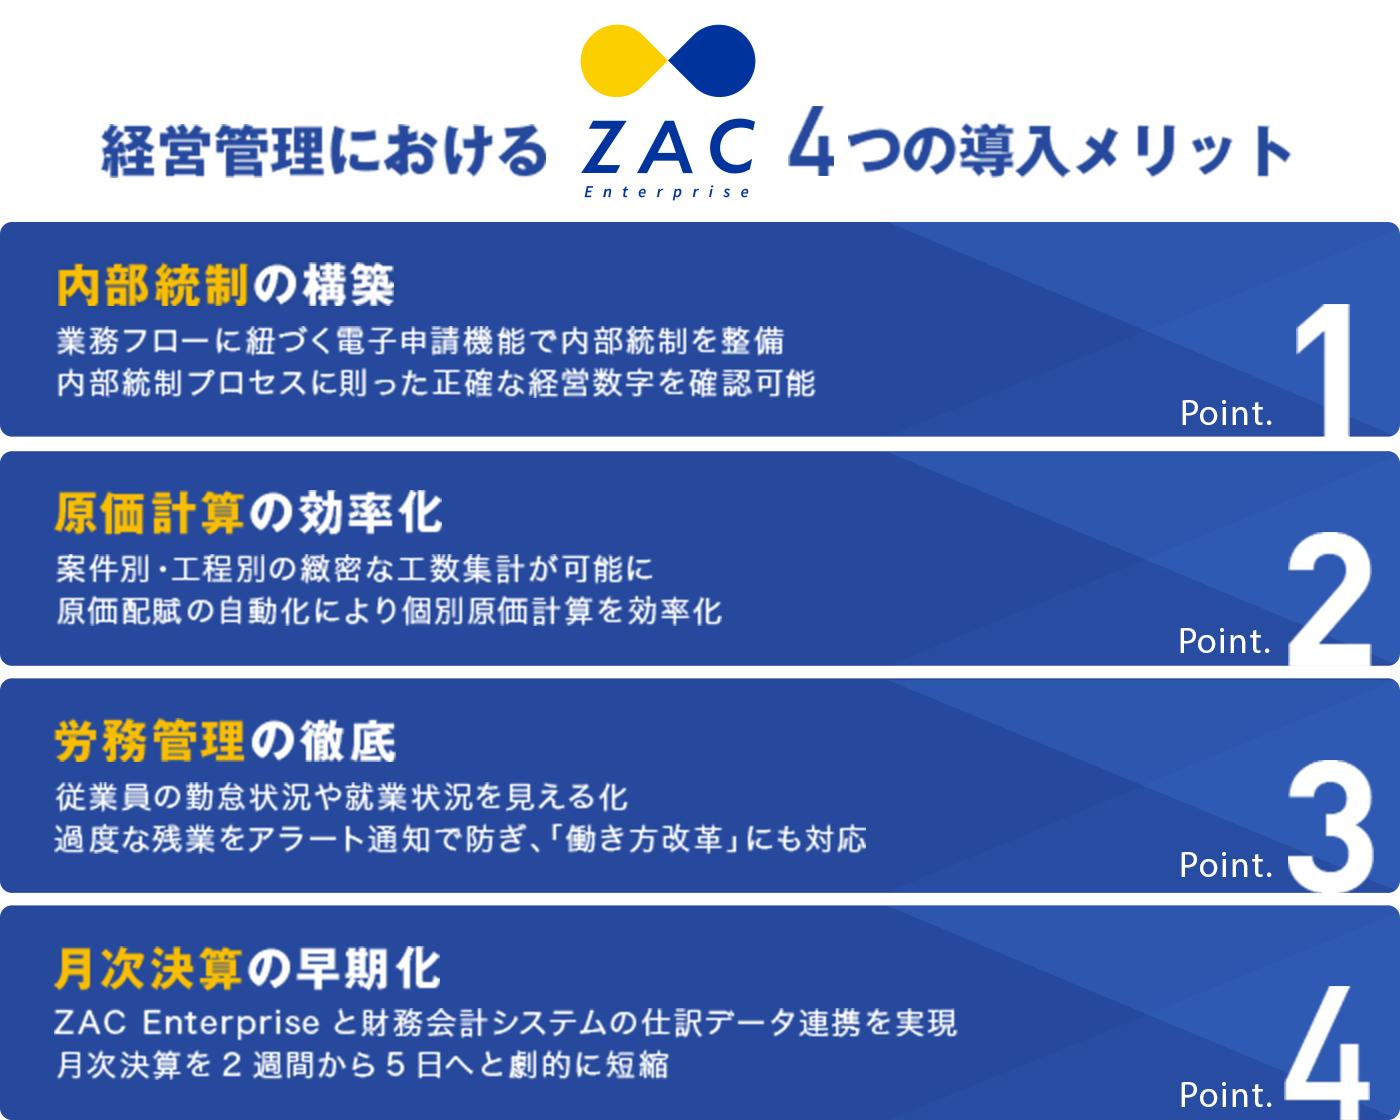 経営管理におけるZACの活用ポイント.jpg